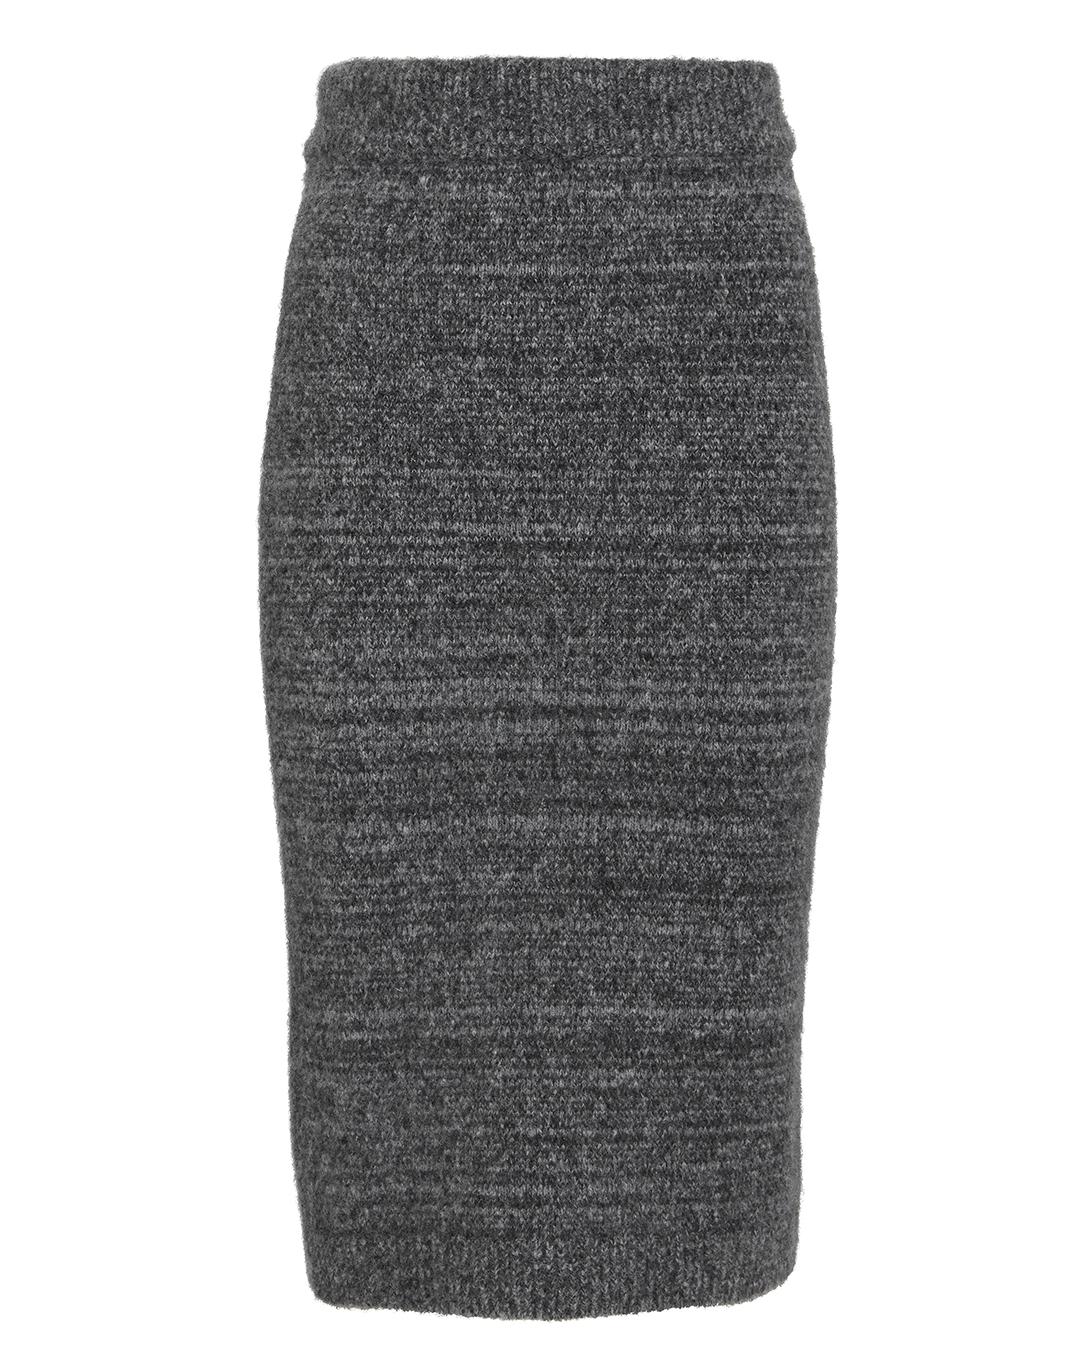 Arden Pencil Skirt